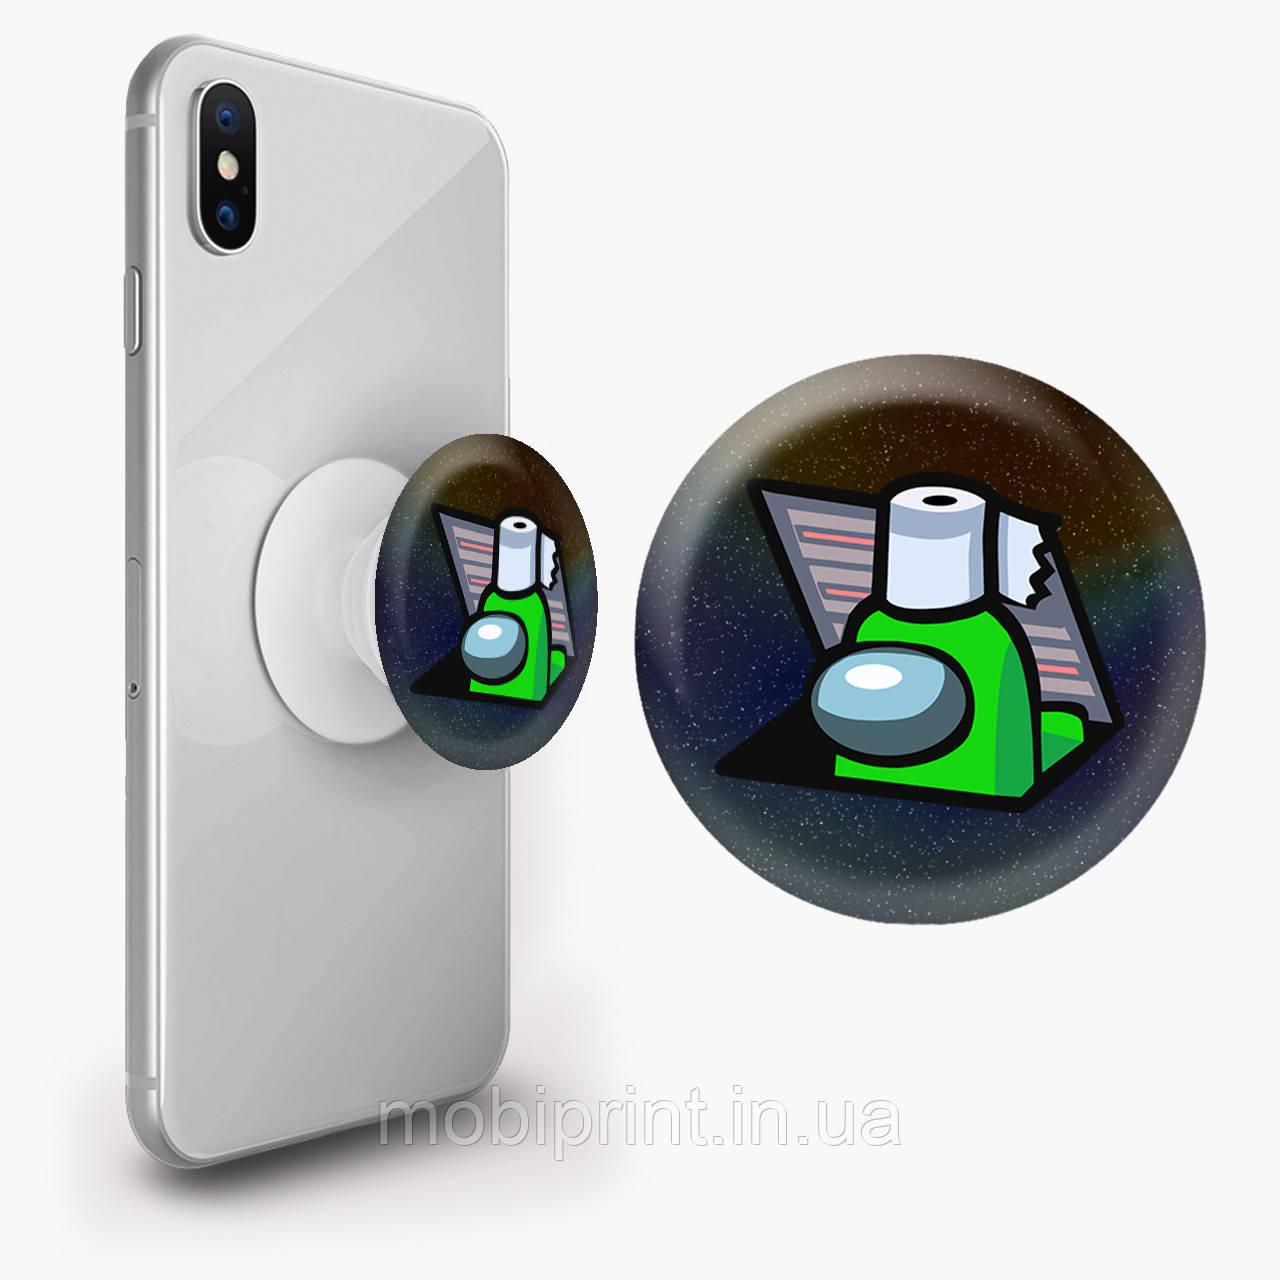 Попсокет (Popsockets) держатель для смартфона Амонг Ас Зеленый (Among Us Green)  (8754-2592)